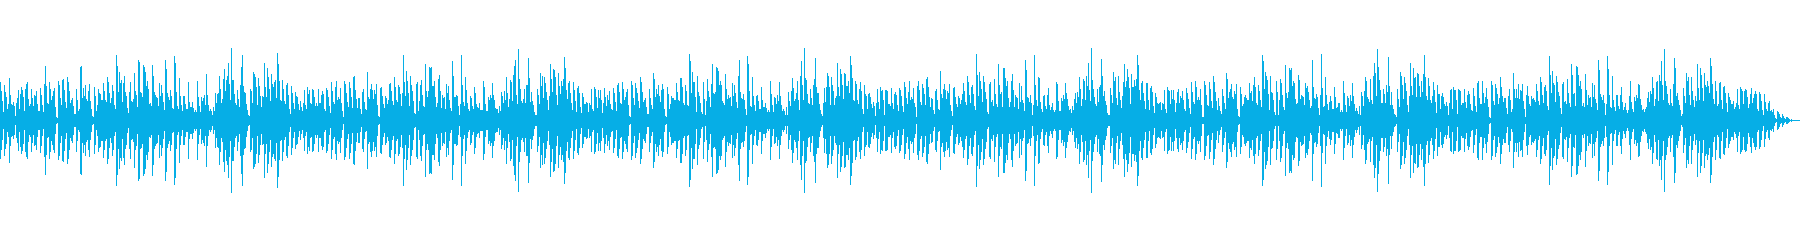 落ち着いたジャズピアノトリオのBGMの再生済みの波形